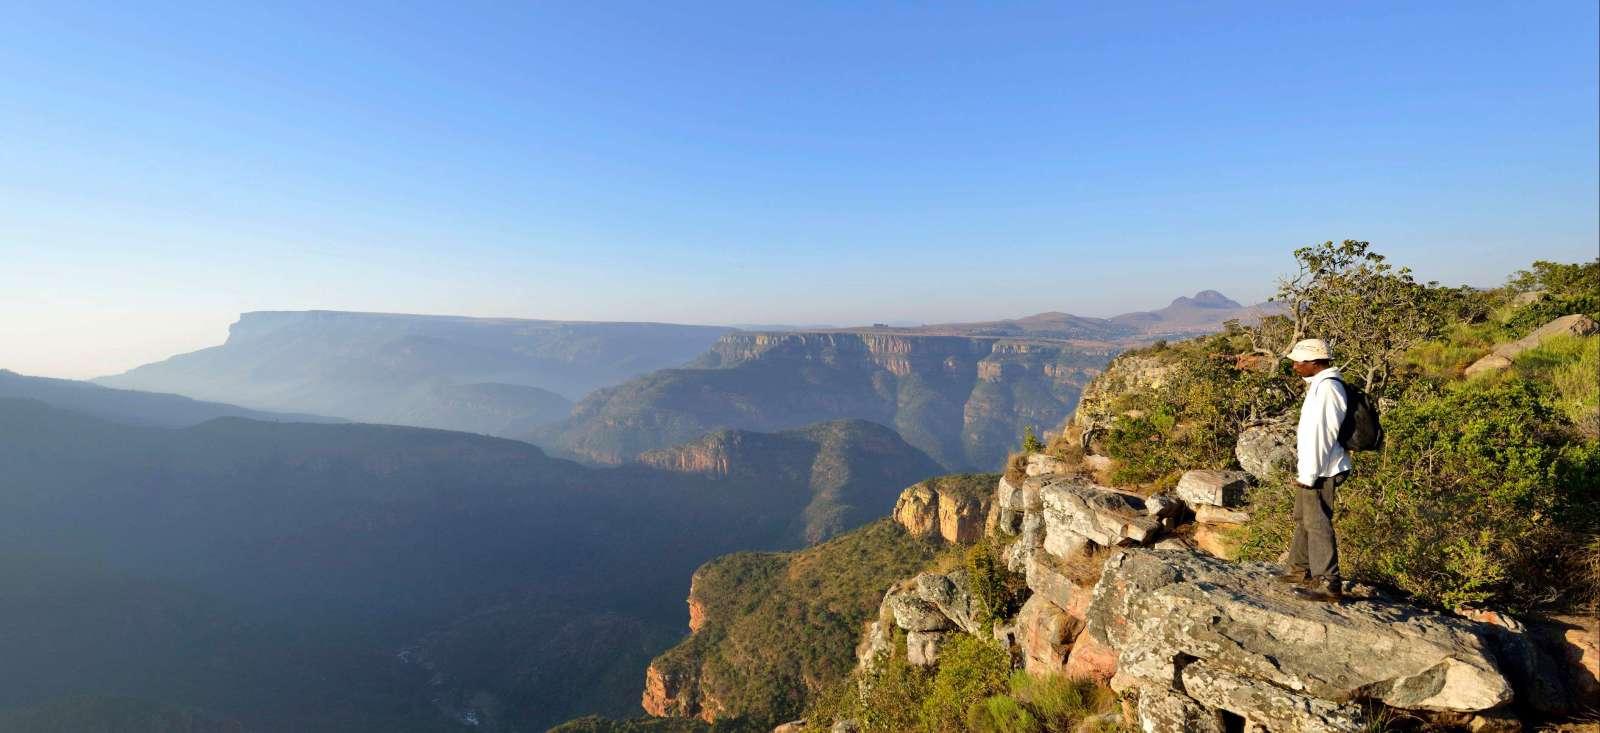 Voyage avec des animaux Afrique du Sud : Randos et safaris en terre arc en ciel...